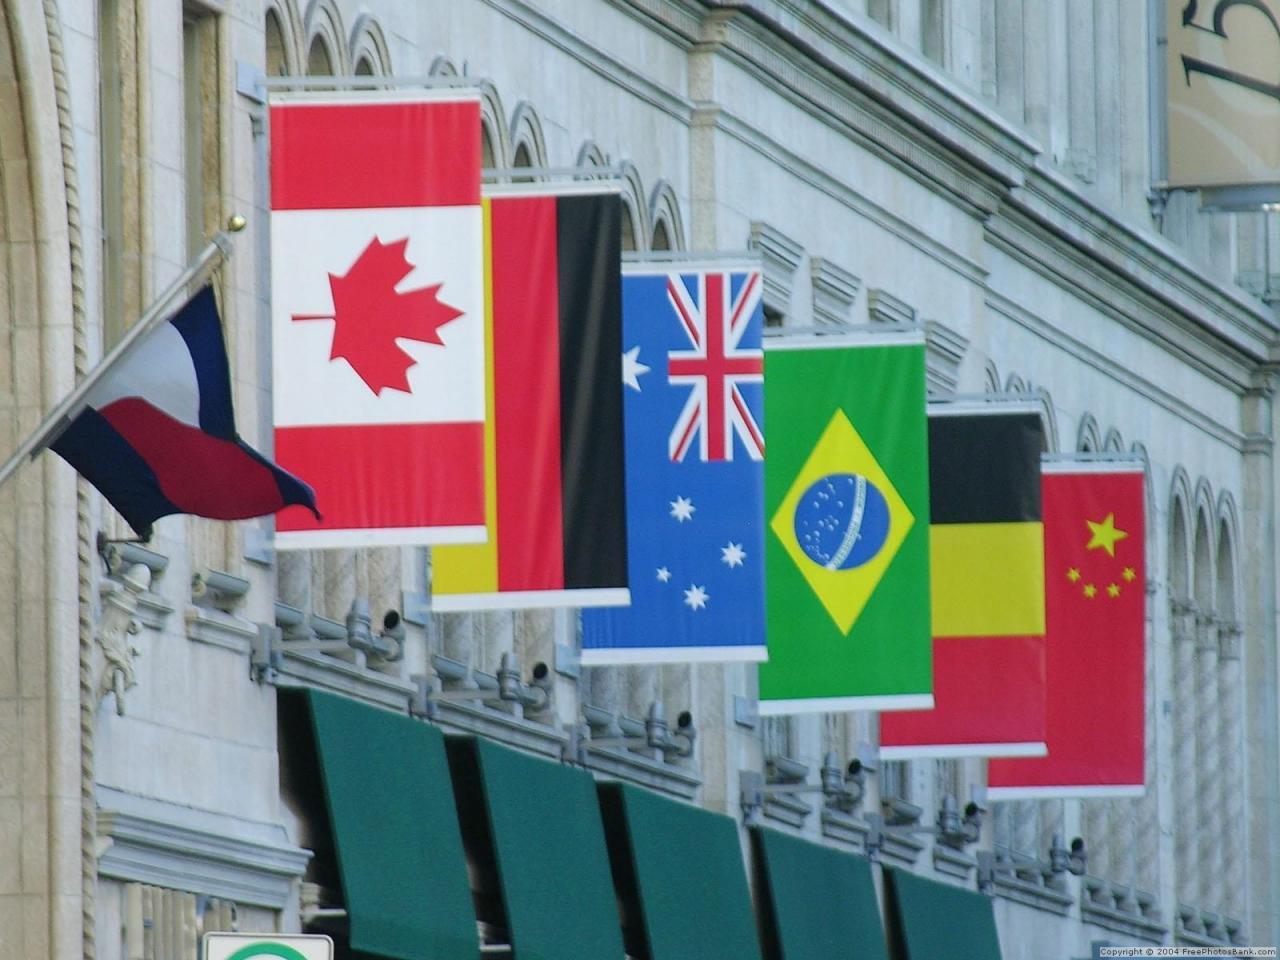 Internacionalización de la Empresa, ponencia Luis Manfredi, Galán y asociados